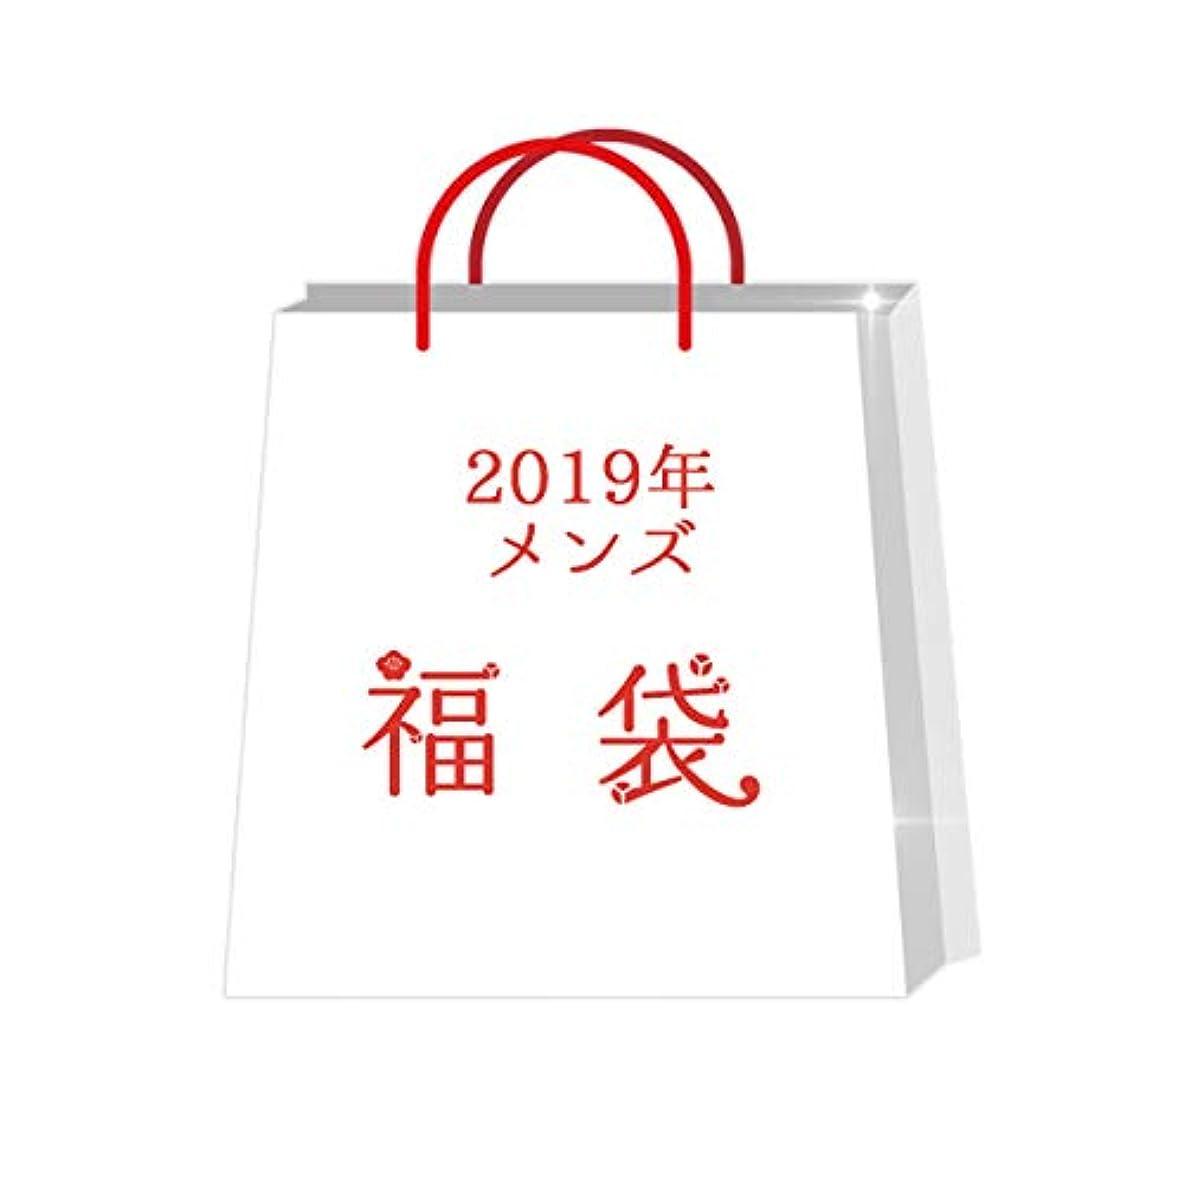 二保持する簡潔な2019年福袋 ◆ ミニ香水サンプルメンズ福袋 運命変えちゃう?!いろいろ試したいアナタに… 送料無料?税込1000円福袋!